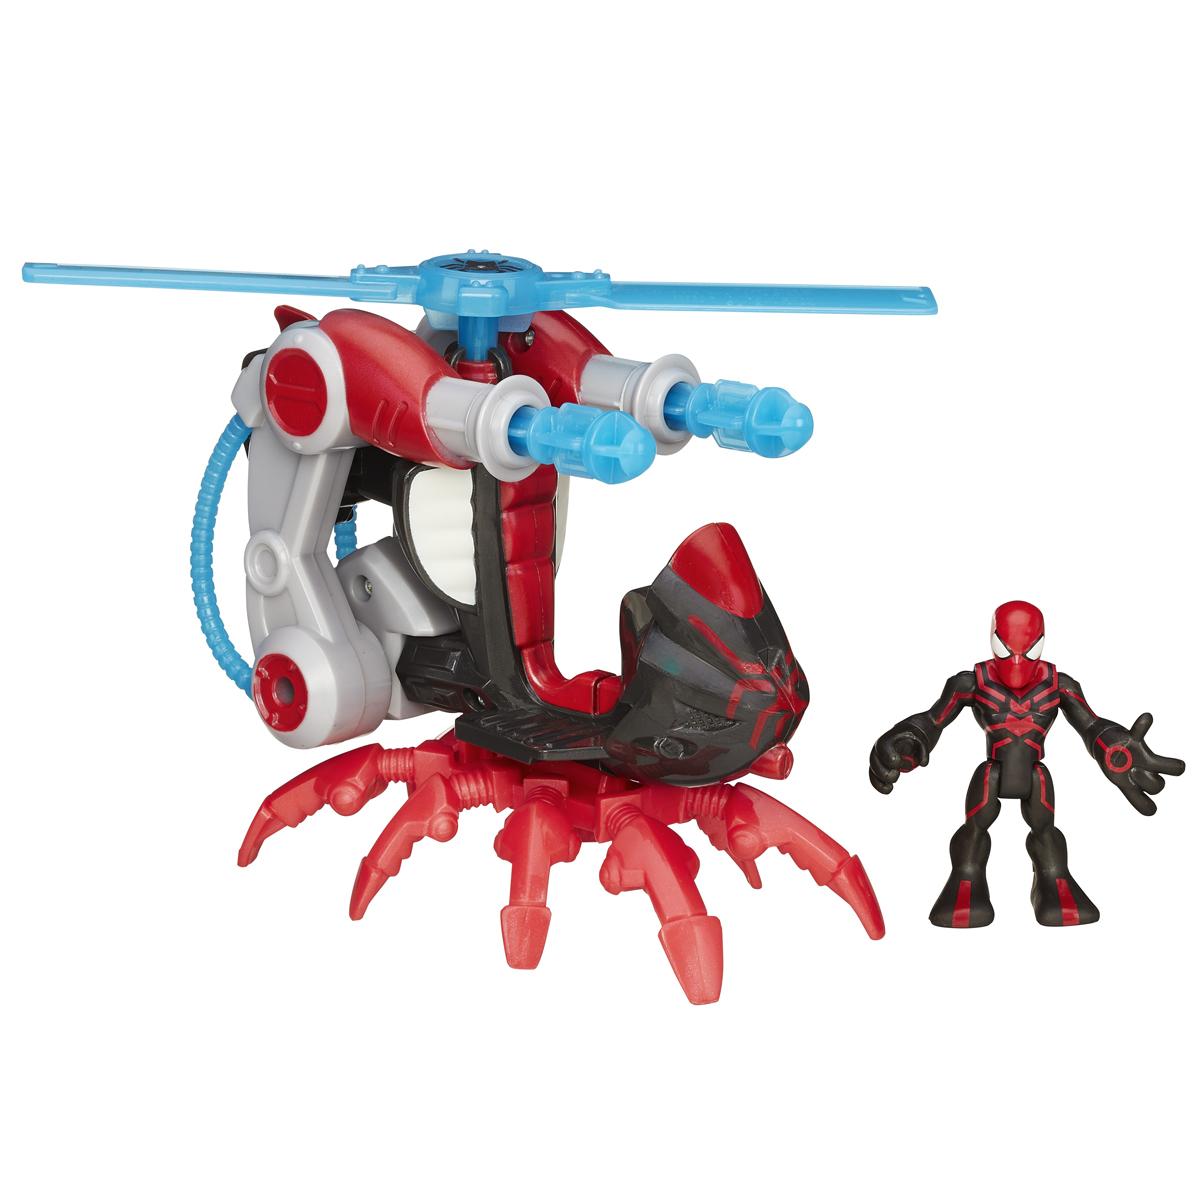 Playskool Игровой набор Spider-Man. B0230EU40(B0245)B0230EU6Игровой набор Playskool Spider-Man непременно привлечет внимание вашего ребенка и не позволит ему скучать. Набор включает в себя фигурку супергероя Человека-Паука и его супервертолет. Игрушки выполнены из прочного безопасного пластика. Лопасти вертолета вращаются, две пушки стреляют снарядами (2 шт в комплекте). Голова, руки и ноги фигурки Человека-Паука подвижны, что позволяет придавать ей различные позы и открывает малышу неограниченный простор для игр. Такой набор обязательно понравится вашему ребенку, и он проведет множество счастливых мгновений, играя с ним и придумывая различные истории. Рекомендуемый возраст: от 3 до 7 лет.